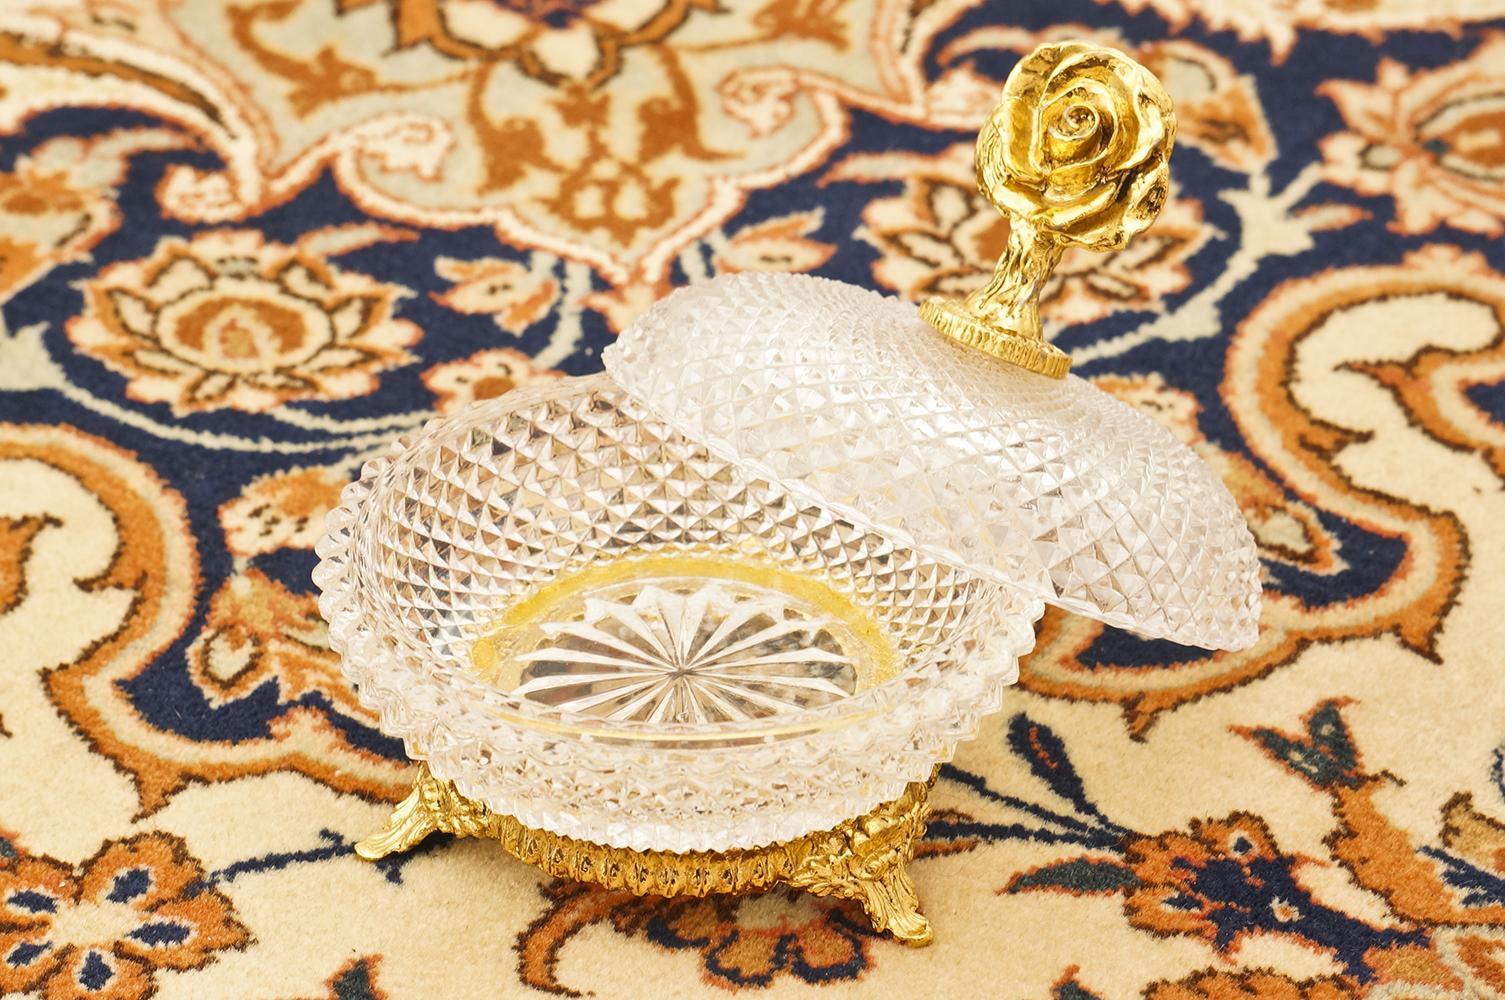 Sold: スタイルビルト製 ゴールド ローズ 小物入れ 開けた状態